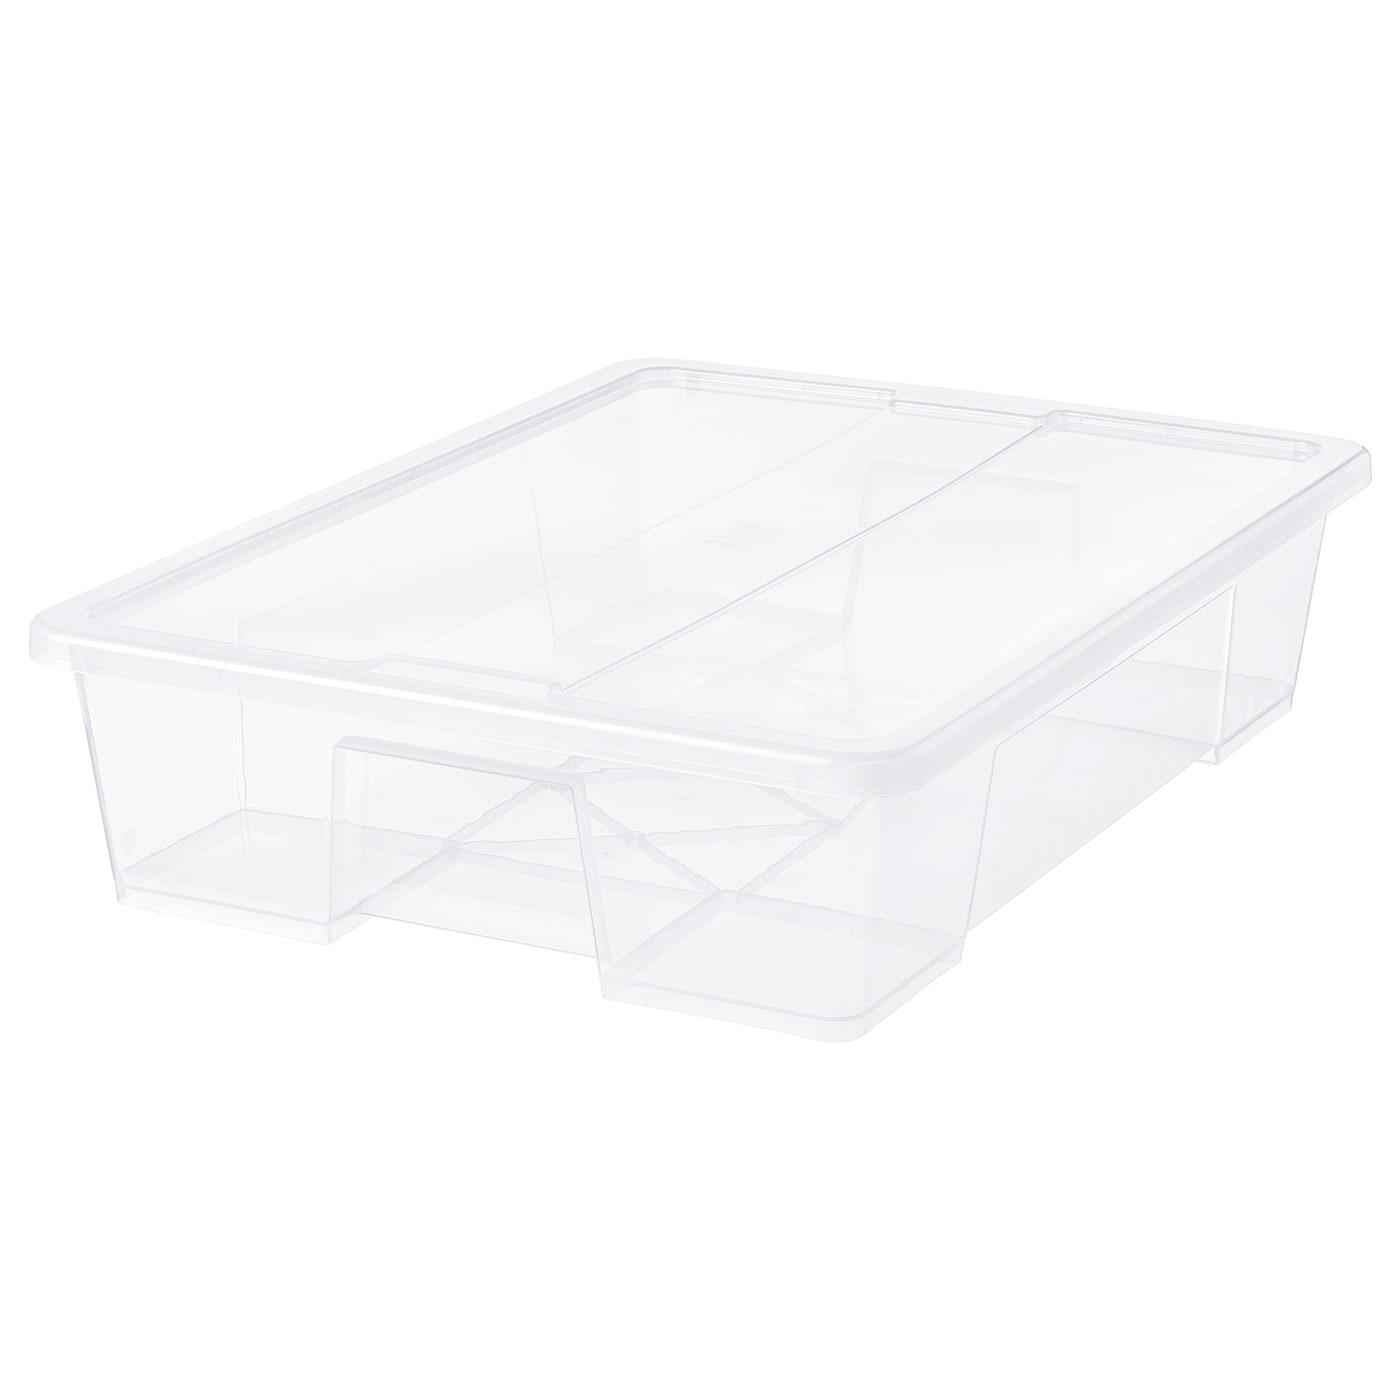 SAMLA Caja con tapa transparente 79x57x18 cm55 l